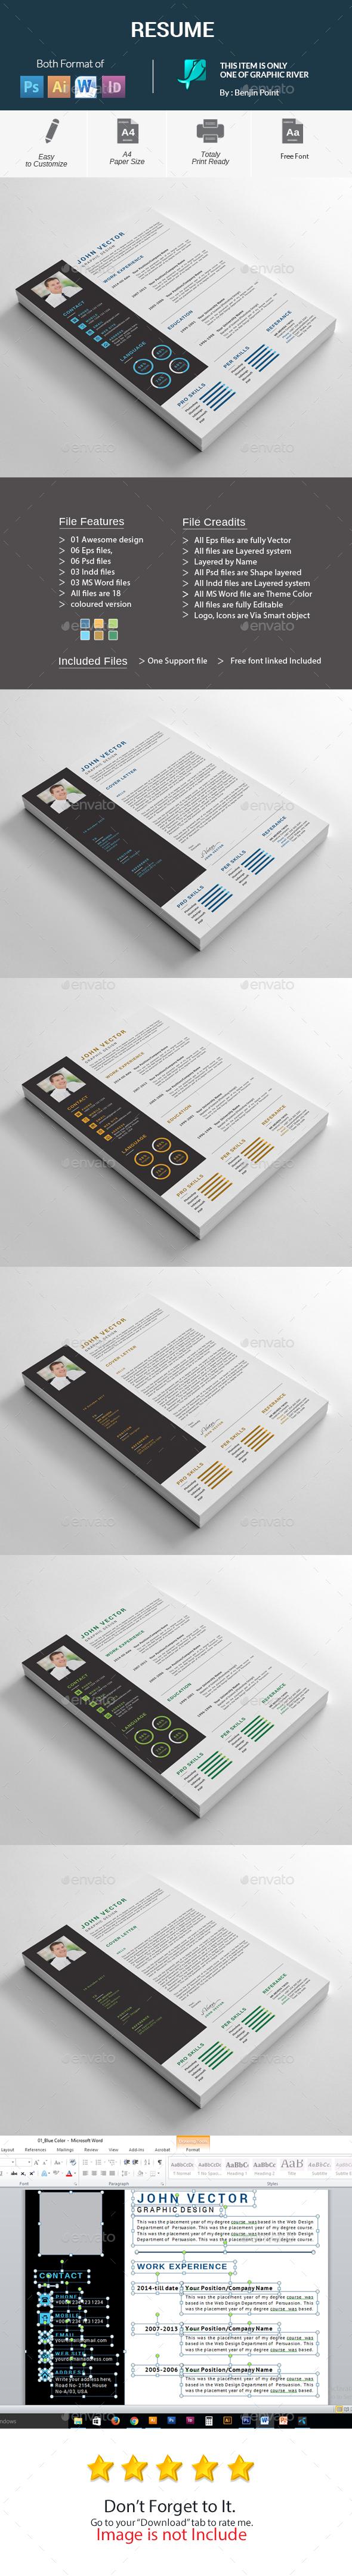 GraphicRiver Resume 20967720